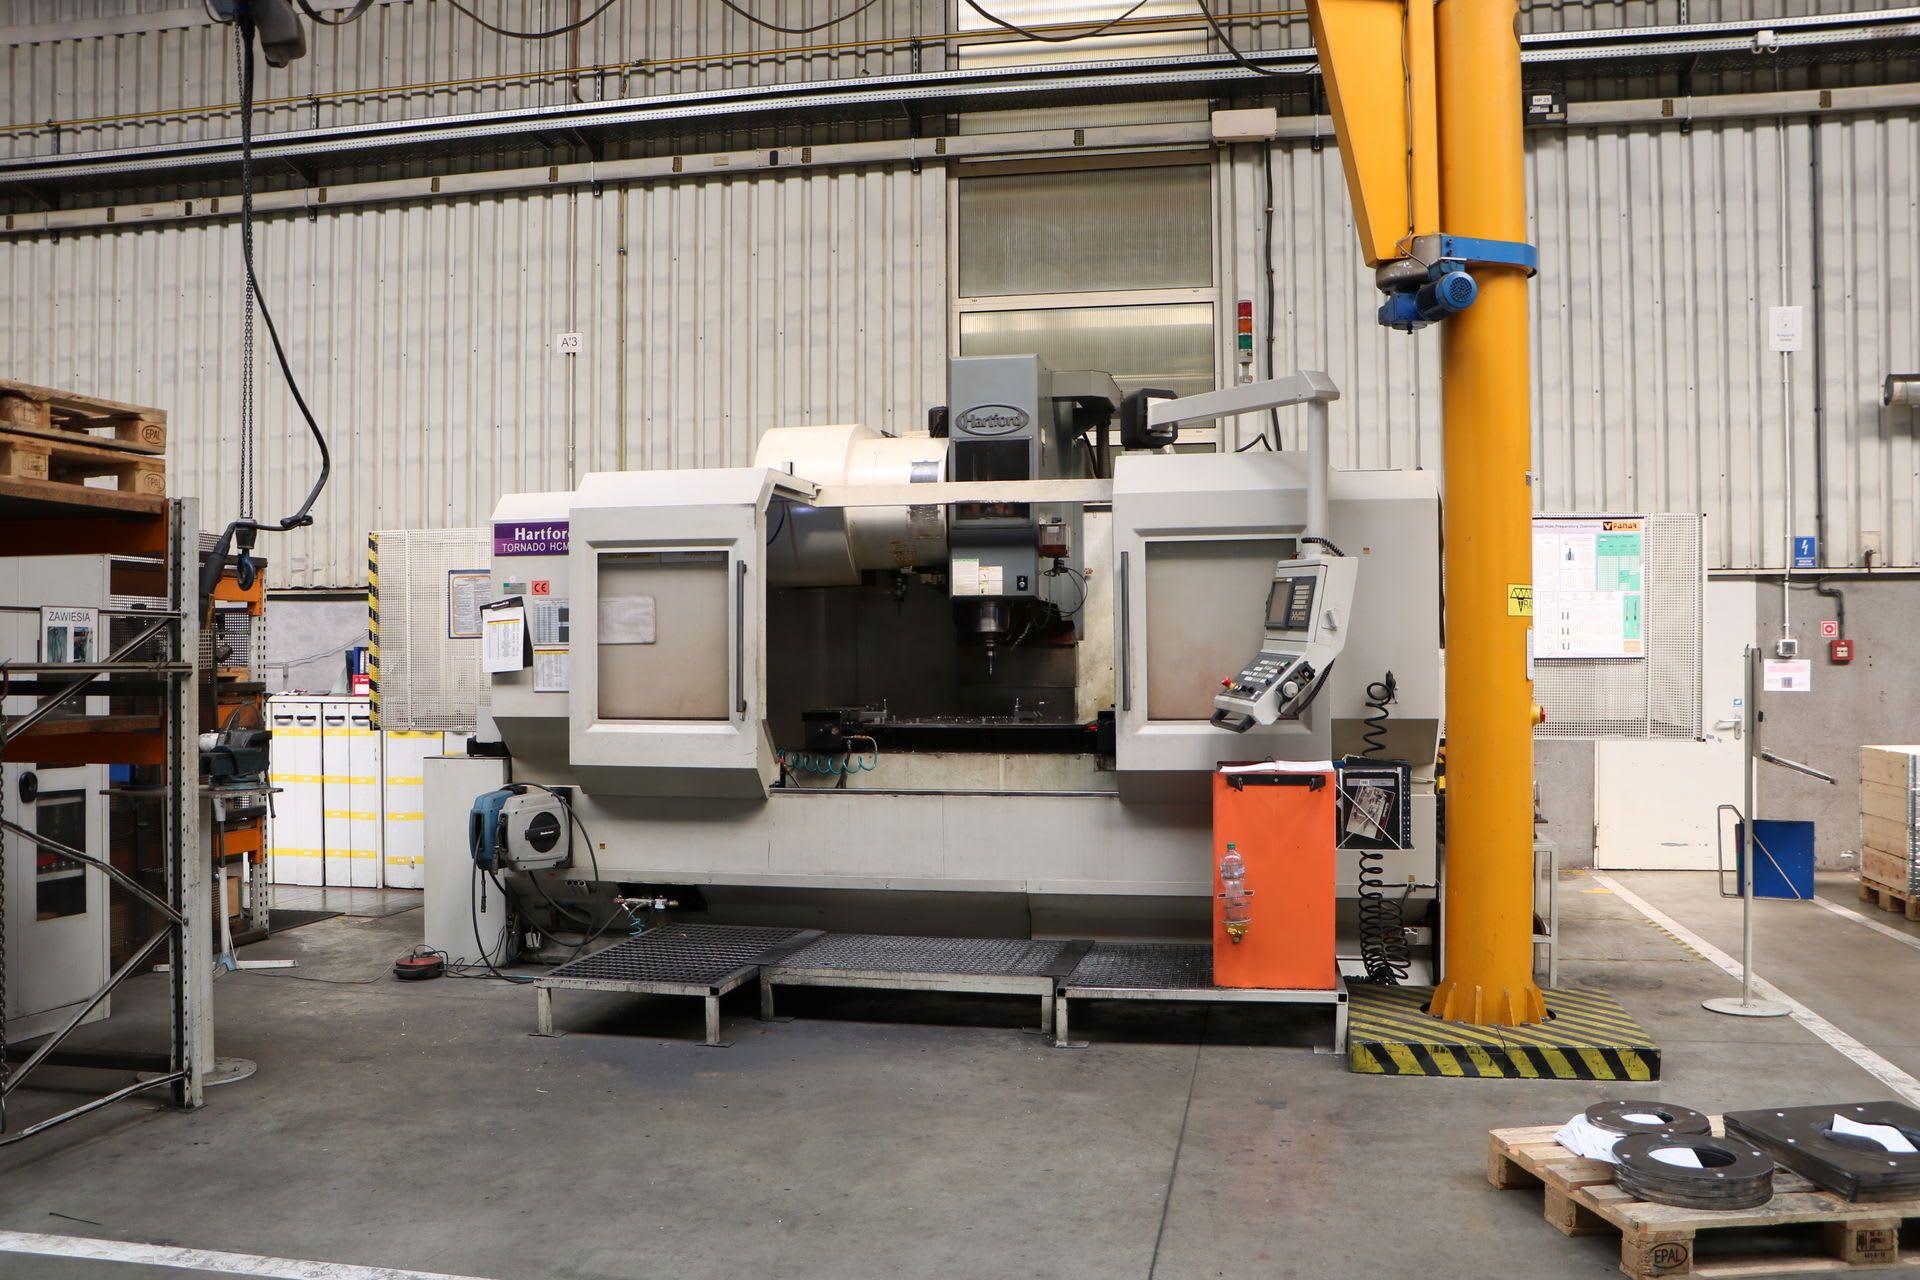 HARTFORD TORNADO HCMC-15 Vertikal-Bearbeitungszentrum